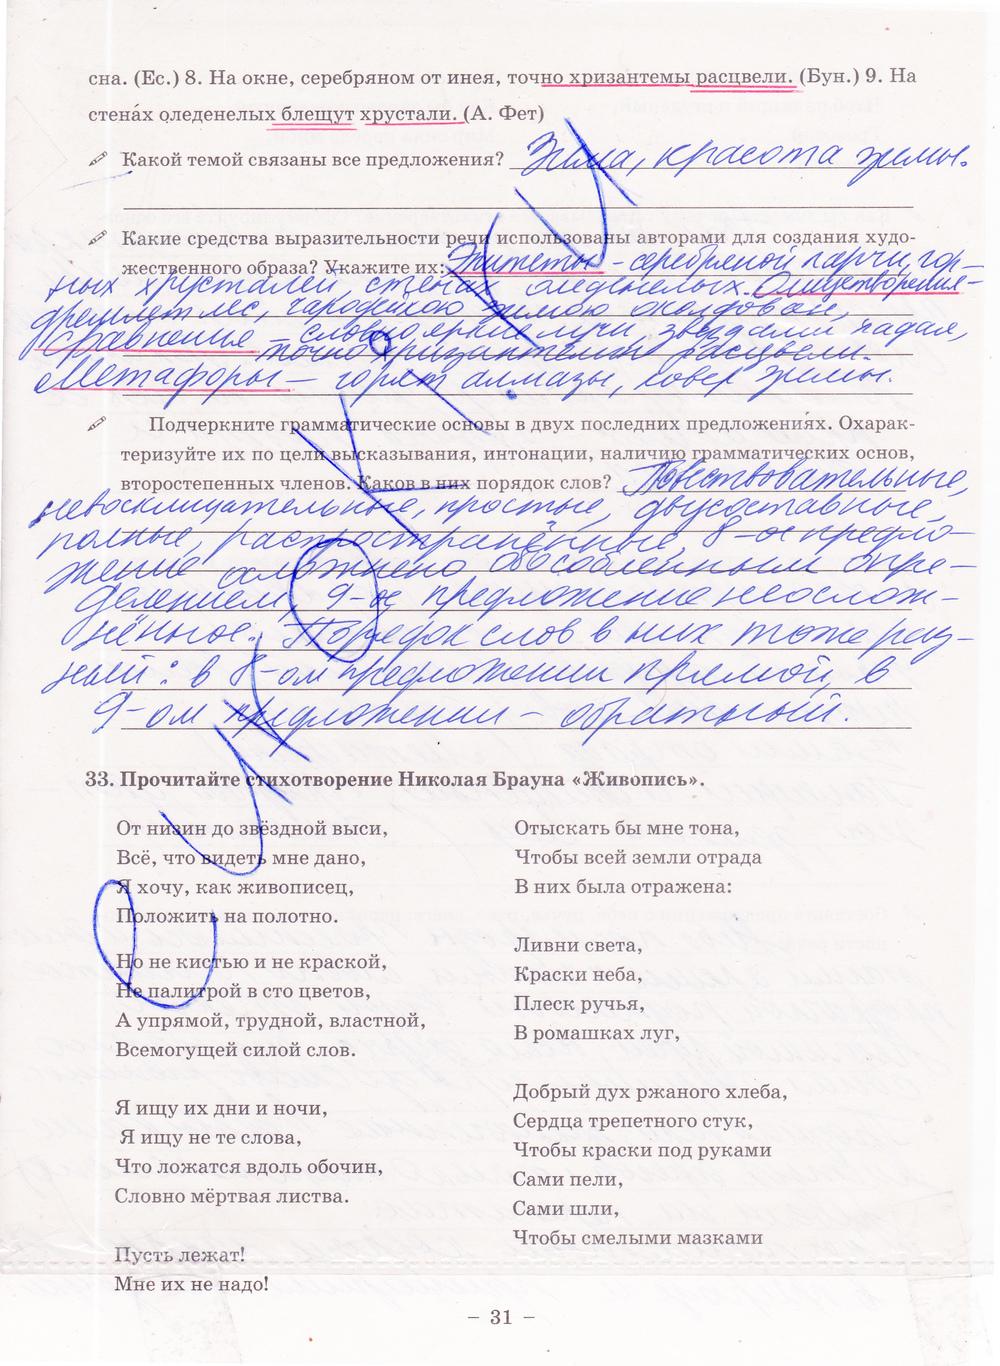 ГДЗ по русскому языку 8 класс рабочая тетрадь Богданова Часть 1, 2. Задание: стр. 31